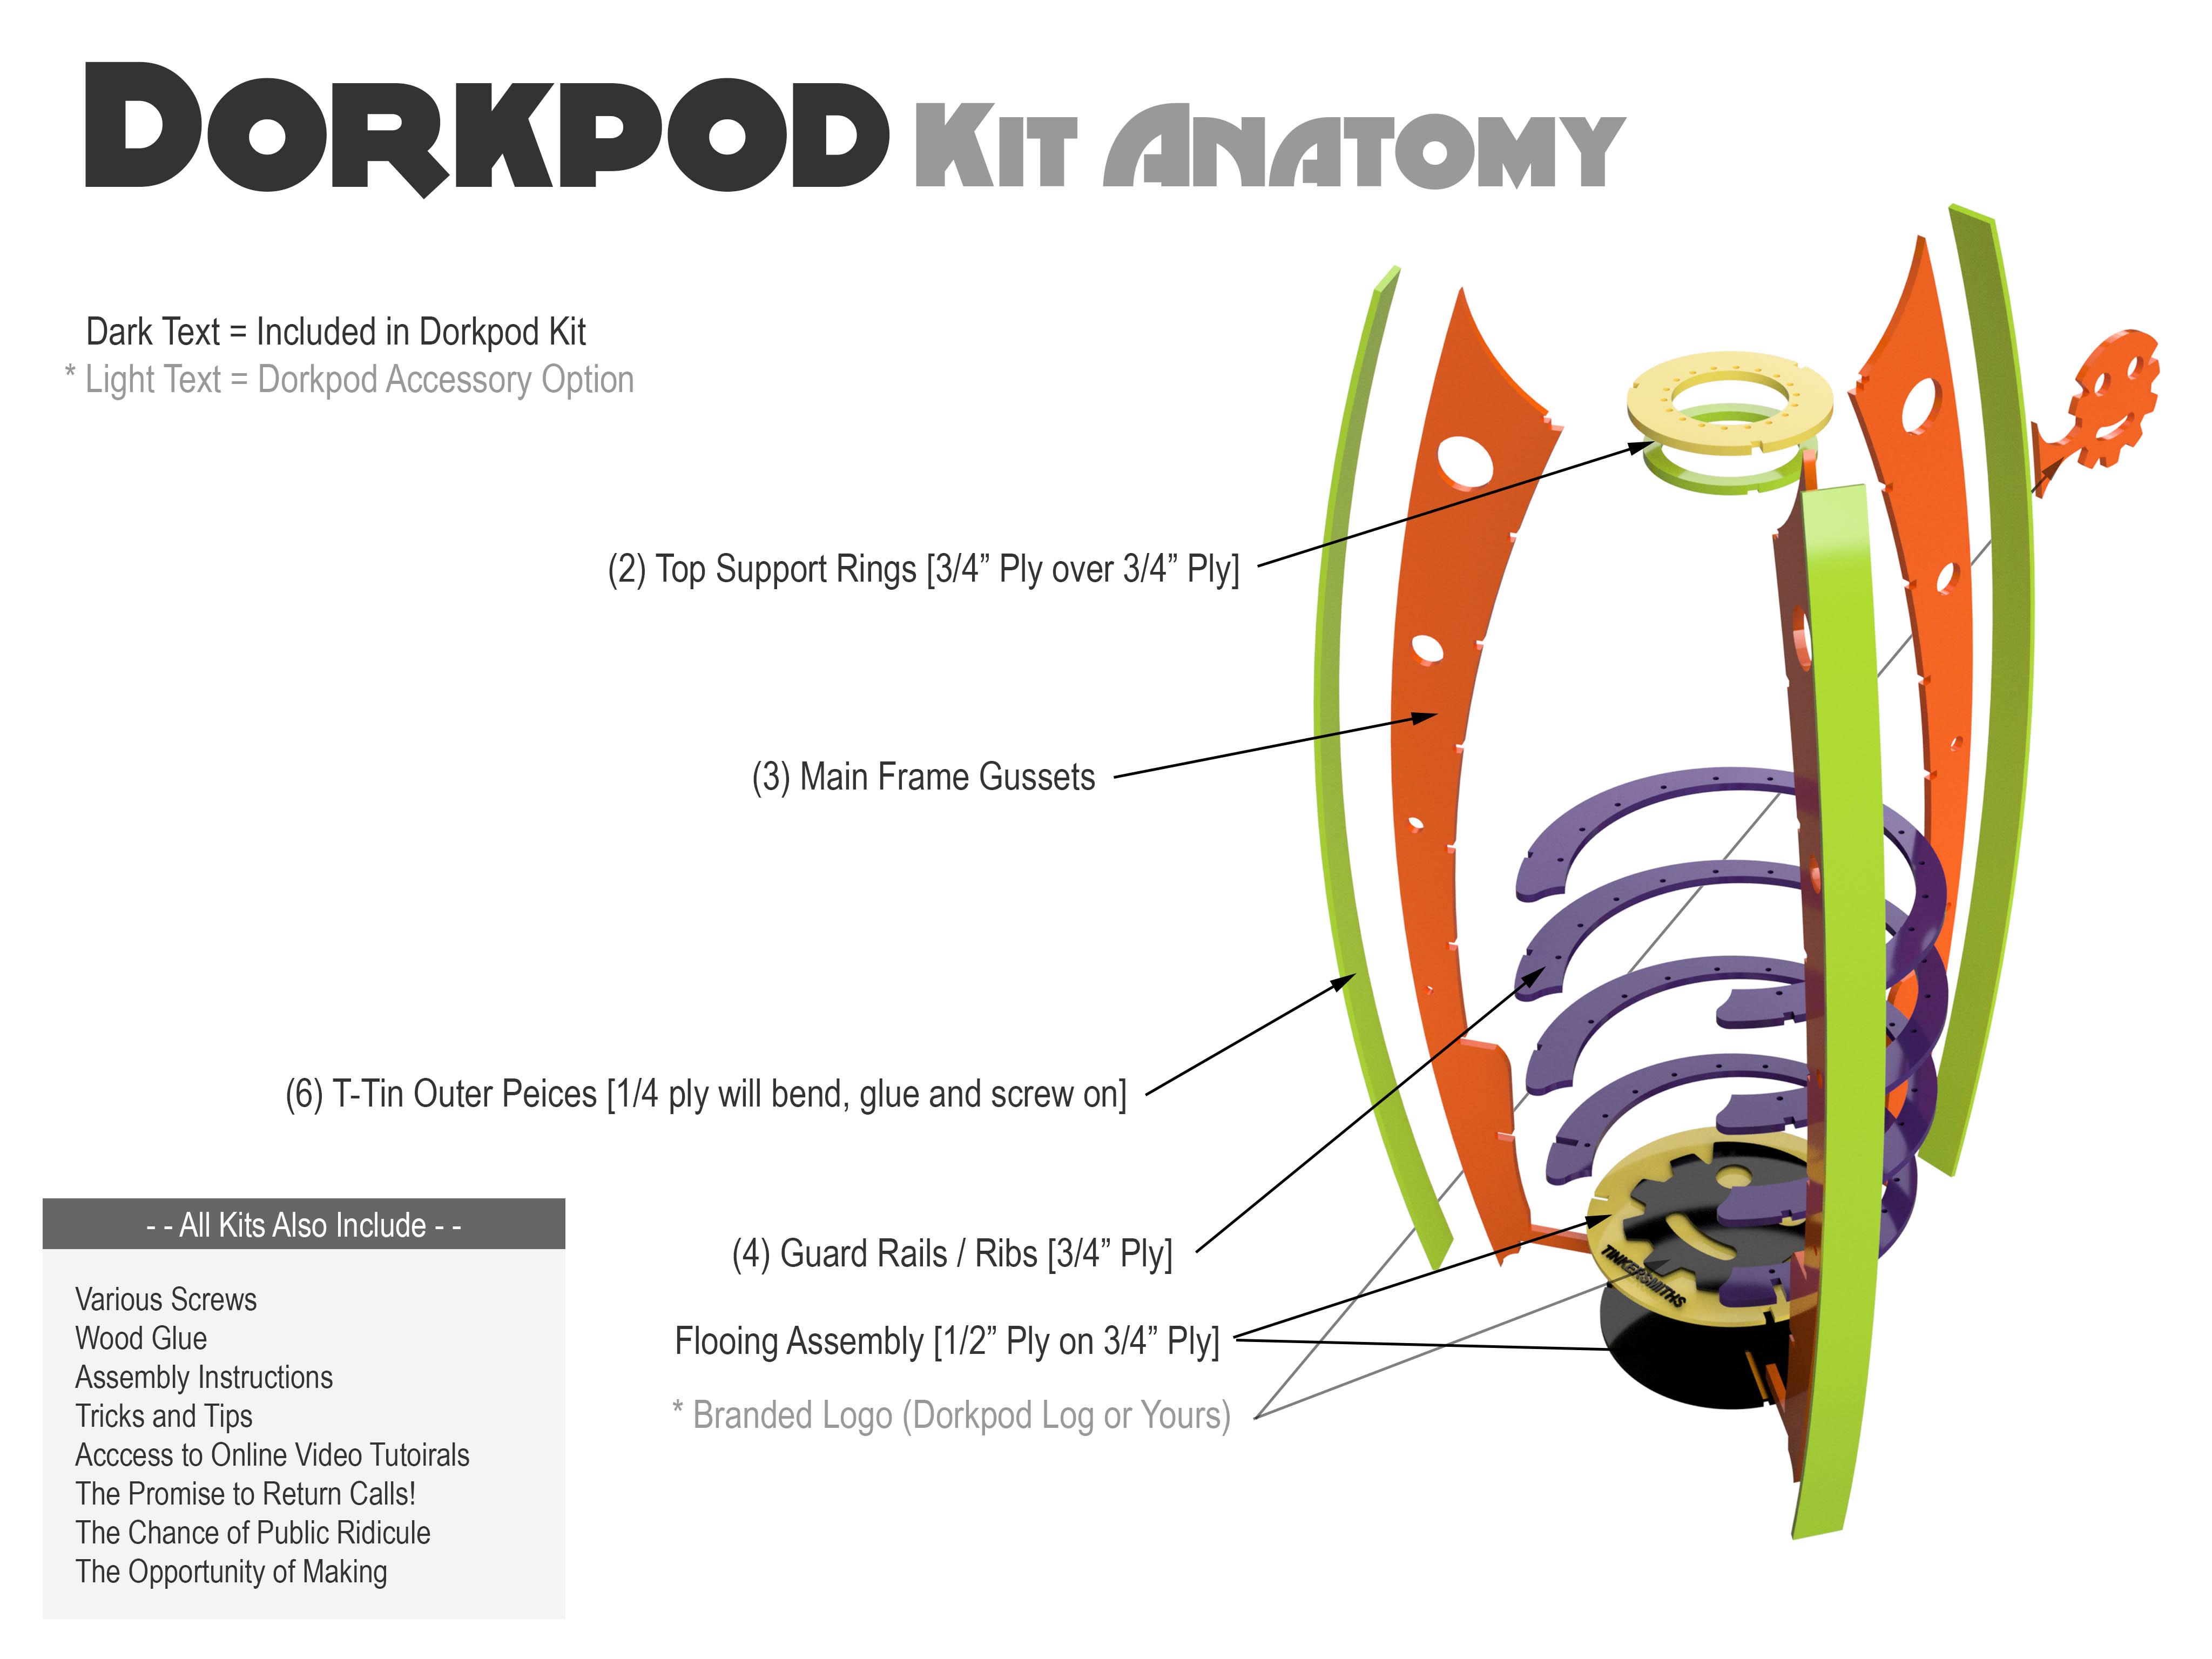 Dorkpod Anatomy